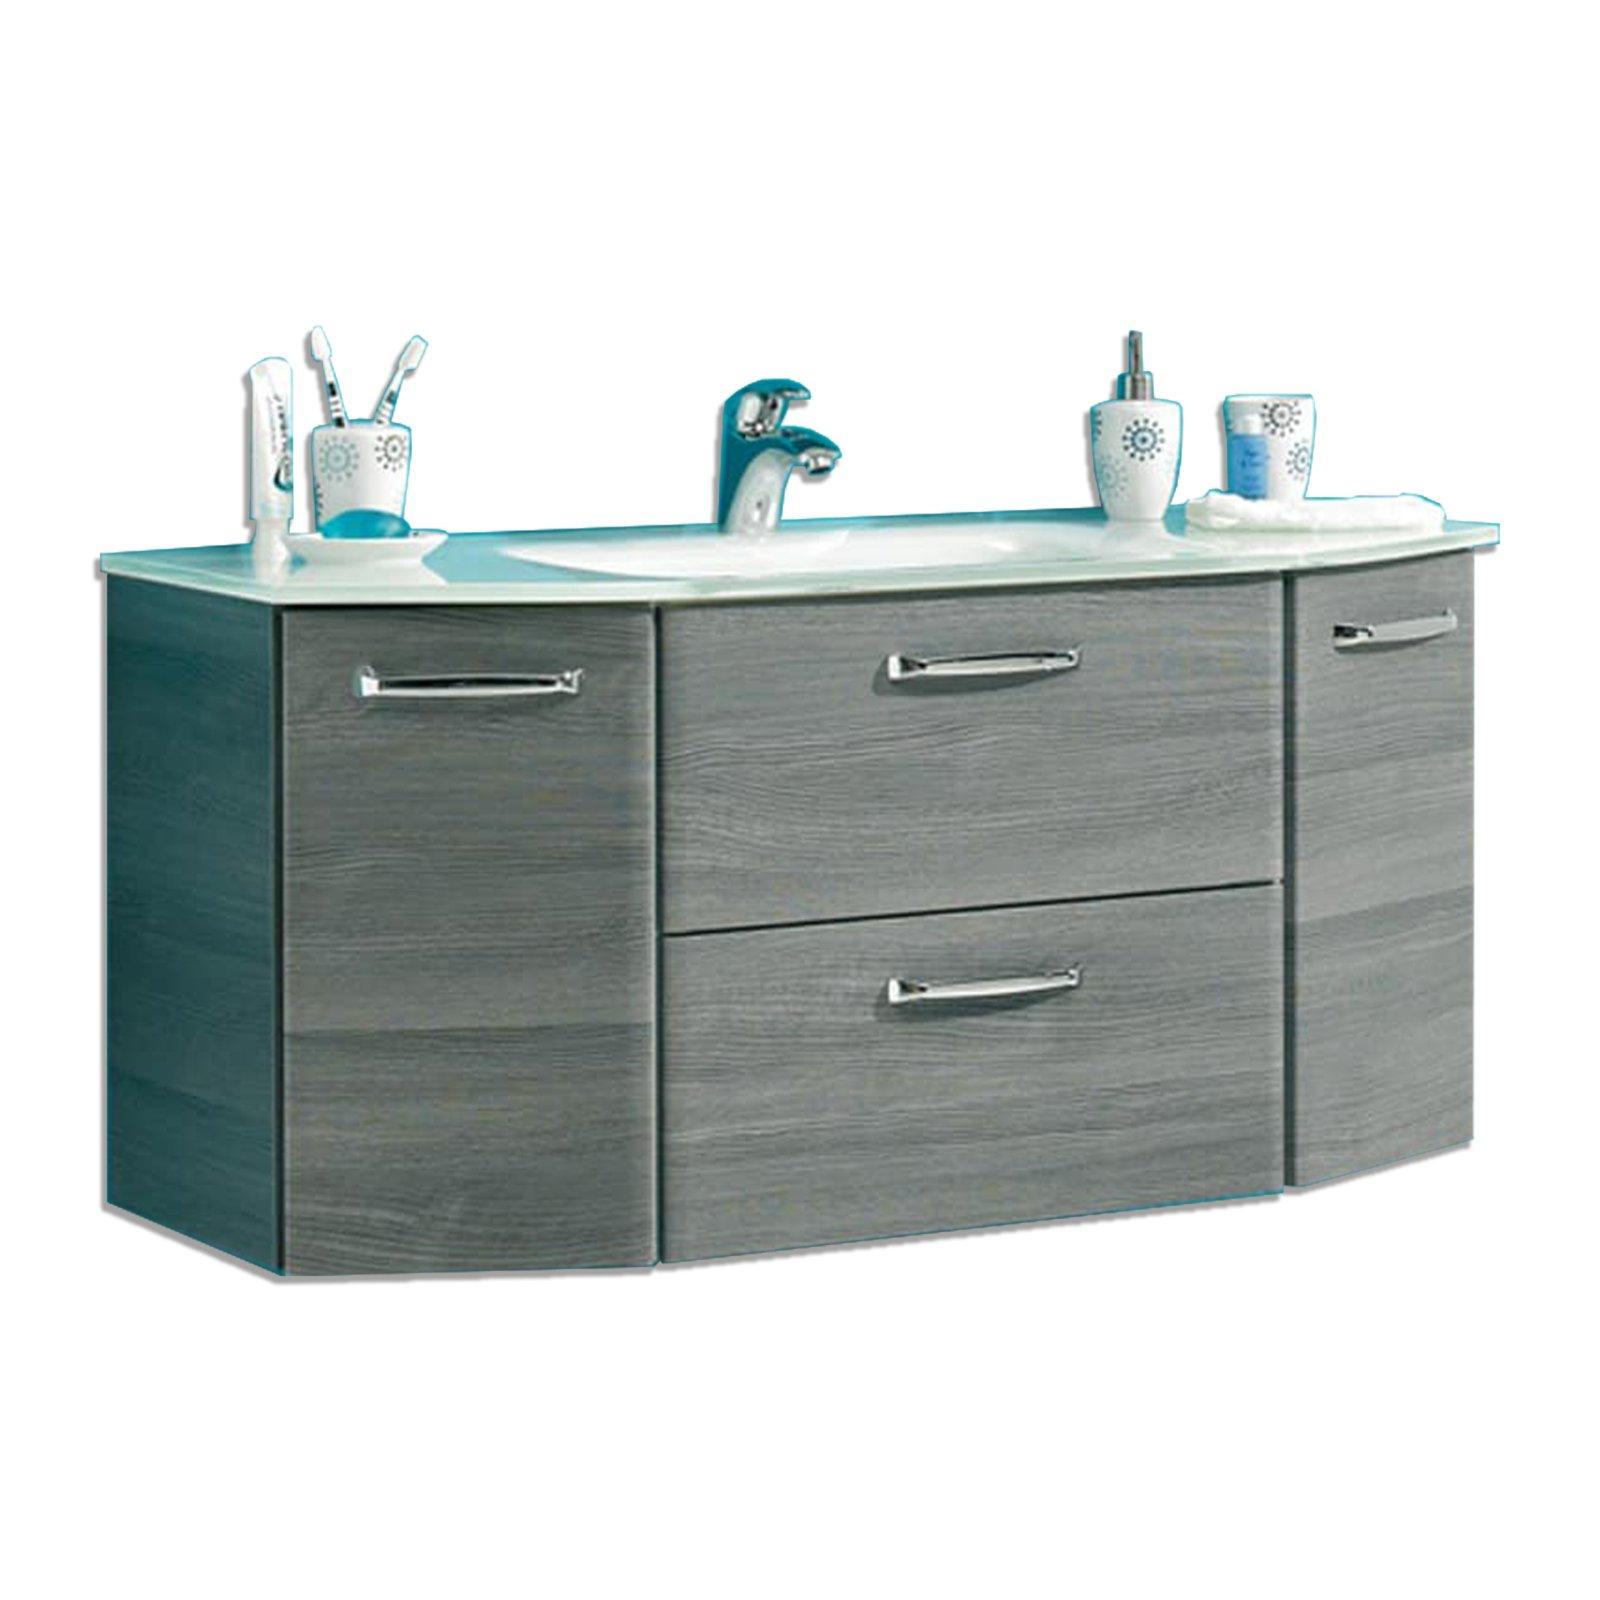 waschbeckenunterschrank 45 cm breit waschbeckenunterschrank breit cebaza in weia hochglanz 60 cm. Black Bedroom Furniture Sets. Home Design Ideas